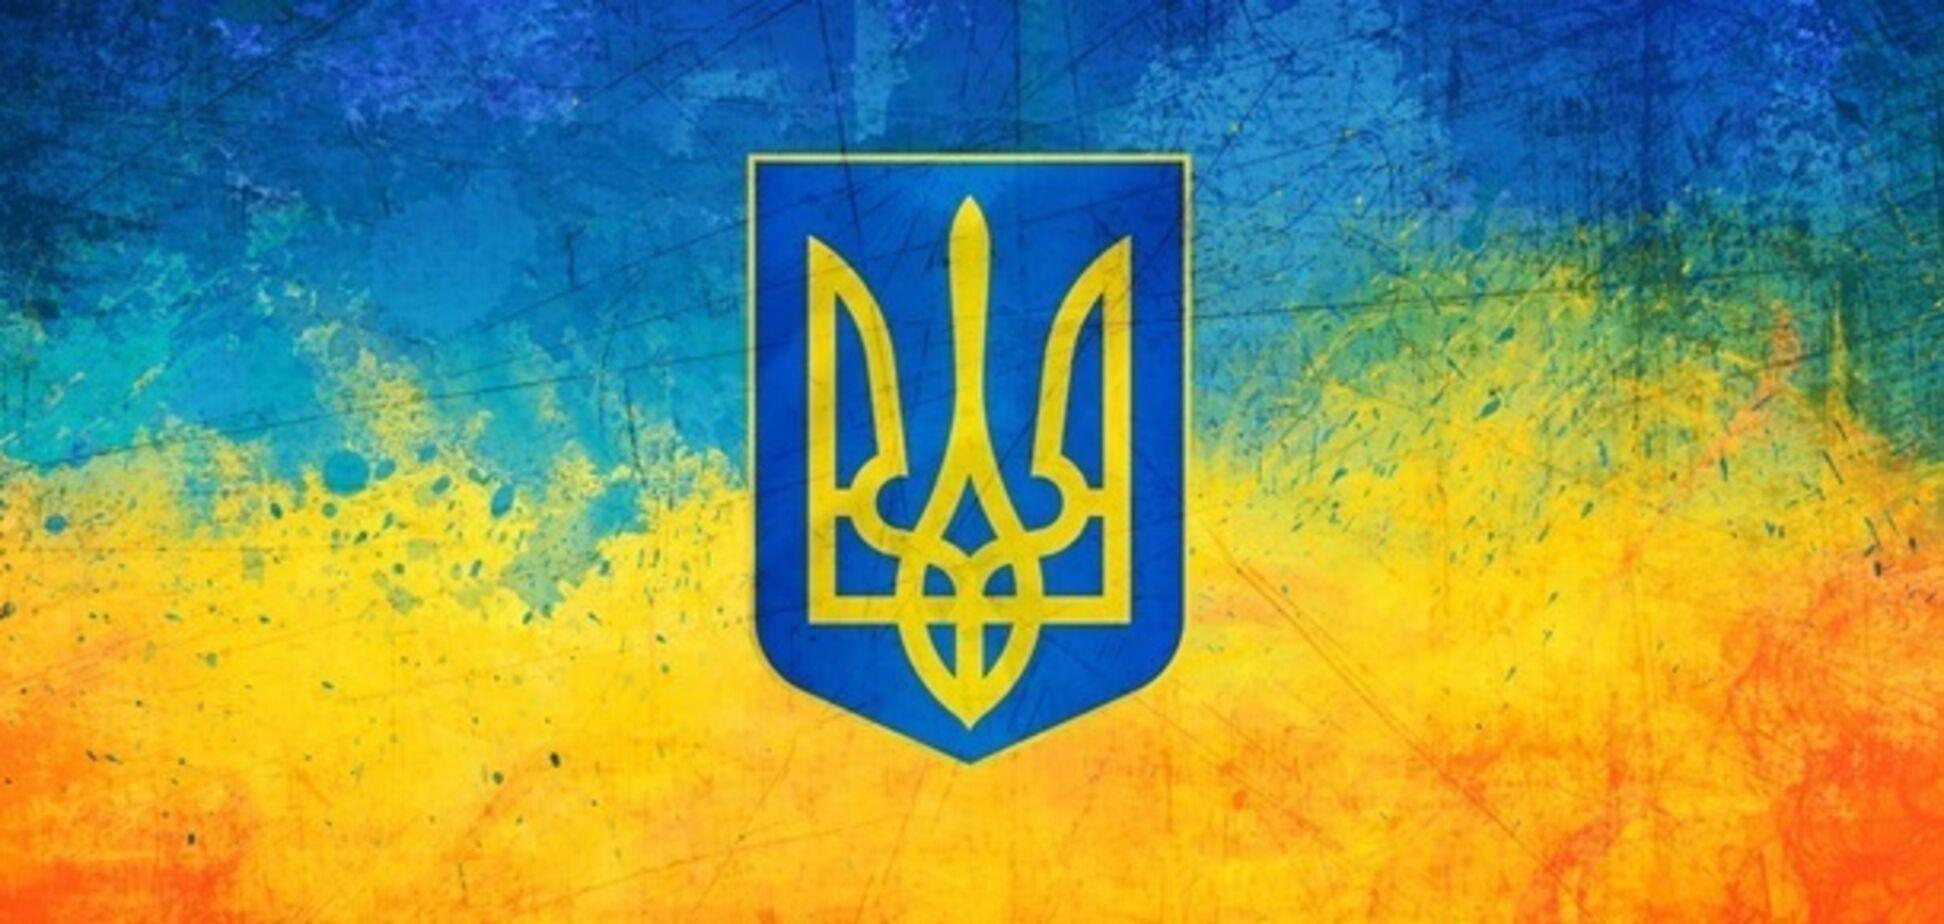 Новини Кримнашу. З точки зору міжнародного права Путін може оголосити Крим Україною